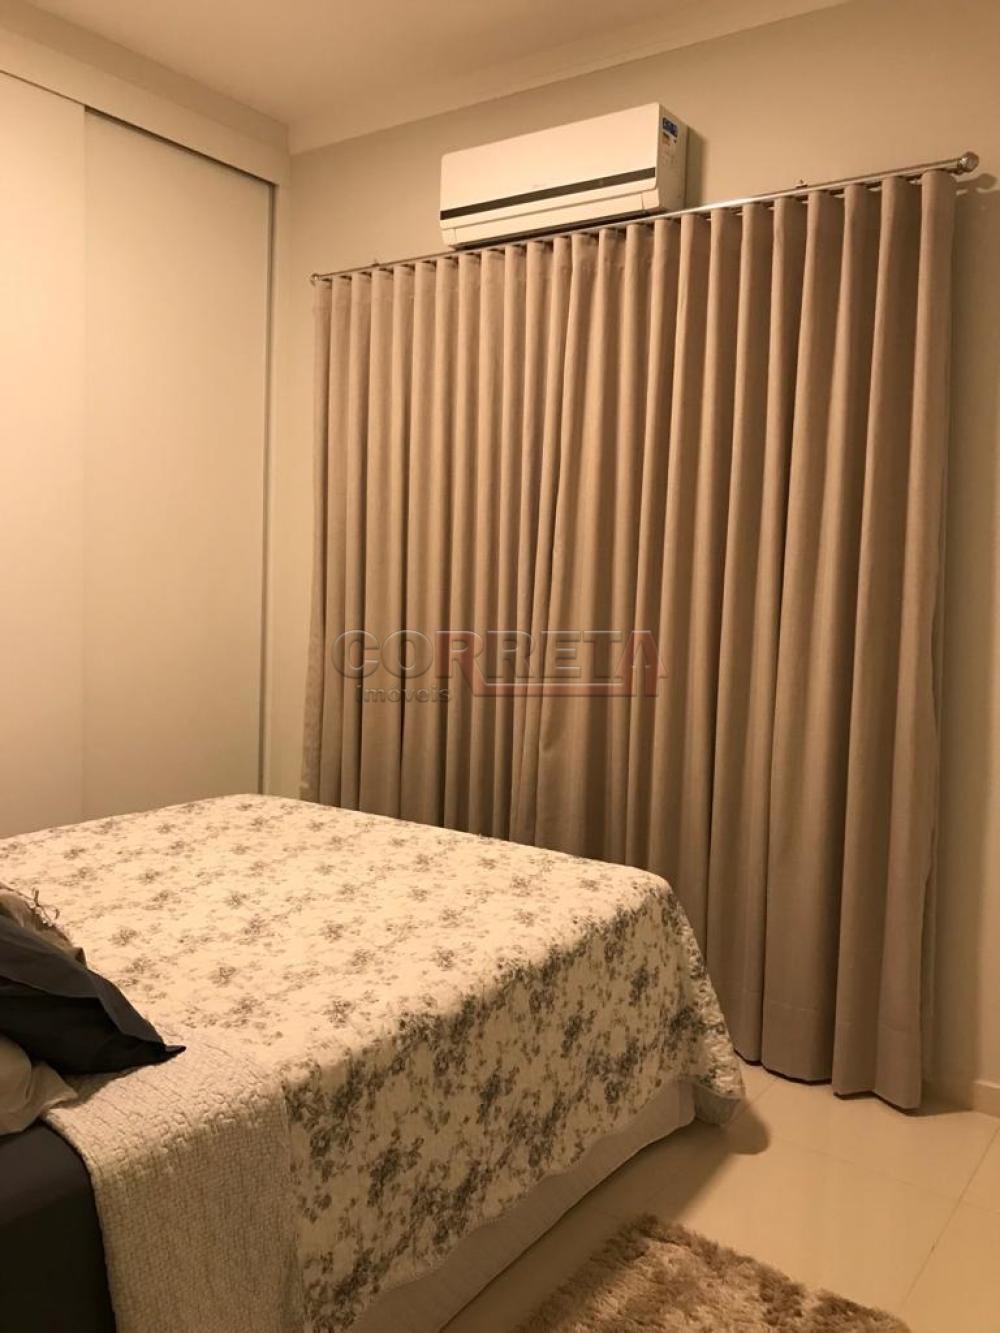 Comprar Casa / Residencial em Araçatuba apenas R$ 365.000,00 - Foto 2